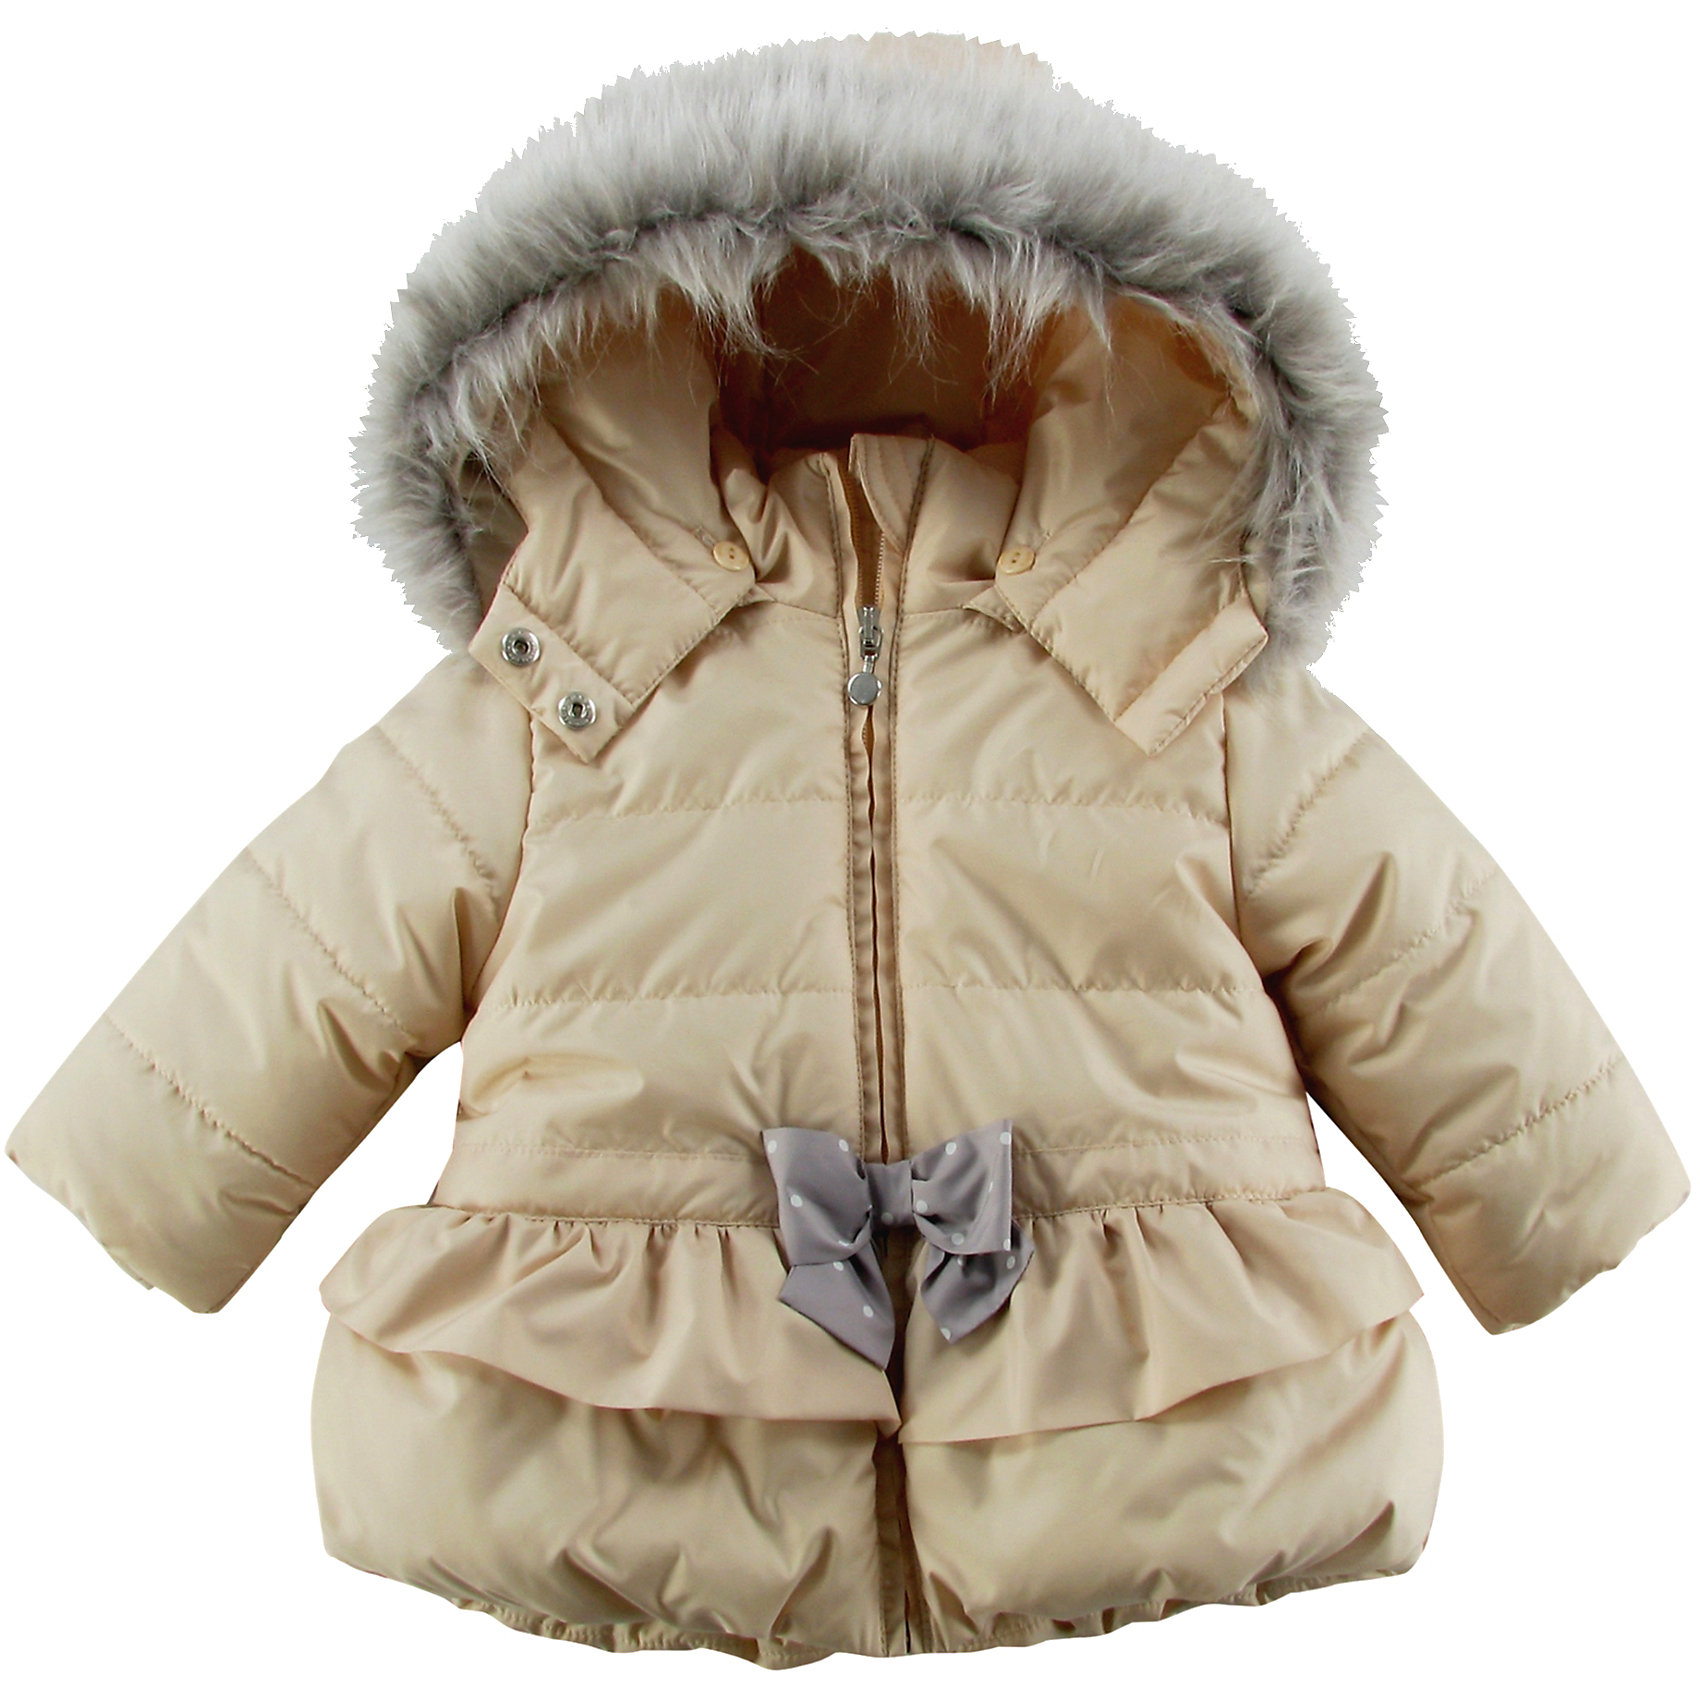 Куртка утепленная для девочки WojcikВерхняя одежда<br>Характеристики товара:<br><br>• цвет: бежевый<br>• состав ткани: 100% полиэстер<br>• подкладка: 100% полиэстер<br>• утеплитель: 100% полиэстер<br>• сезон: демисезон<br>• температурный режим: от -5 до +10<br>• особенности модели: с капюшоном<br>• застежка: молния<br>• капюшон: с мехом, съемный<br>• длинные рукава<br>• страна бренда: Польша<br>• страна изготовитель: Польша<br><br>Модная утепленная куртка для девочки от Войчик дополнена отстегивающимся капюшоном с опушкой. Детская куртка удобно застегивается. Куртка для детей имеет мягкую приятную на ощупь подкладку. Польская детская одежда для детей от бренда Wojcik - это качественные и стильные вещи. <br><br>Куртку утепленную для девочки Wojcik (Войчик) можно купить в нашем интернет-магазине.<br><br>Ширина мм: 356<br>Глубина мм: 10<br>Высота мм: 245<br>Вес г: 519<br>Цвет: бежевый<br>Возраст от месяцев: 6<br>Возраст до месяцев: 9<br>Пол: Женский<br>Возраст: Детский<br>Размер: 74,98,92,86,80<br>SKU: 5590885